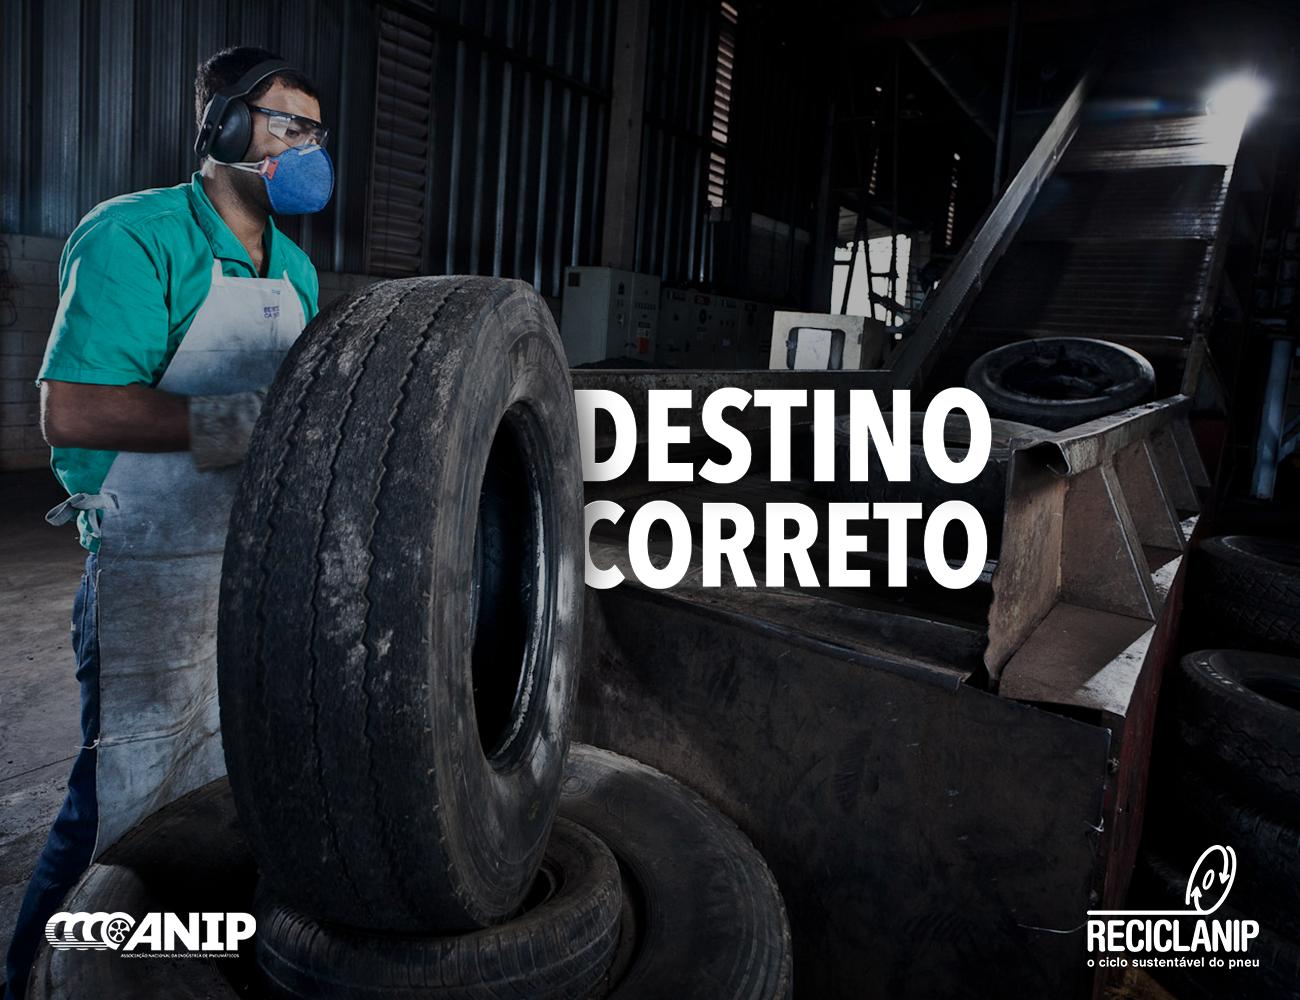 Indústria já recolheu mais de 4 milhões de toneladas de pneus inservíveis